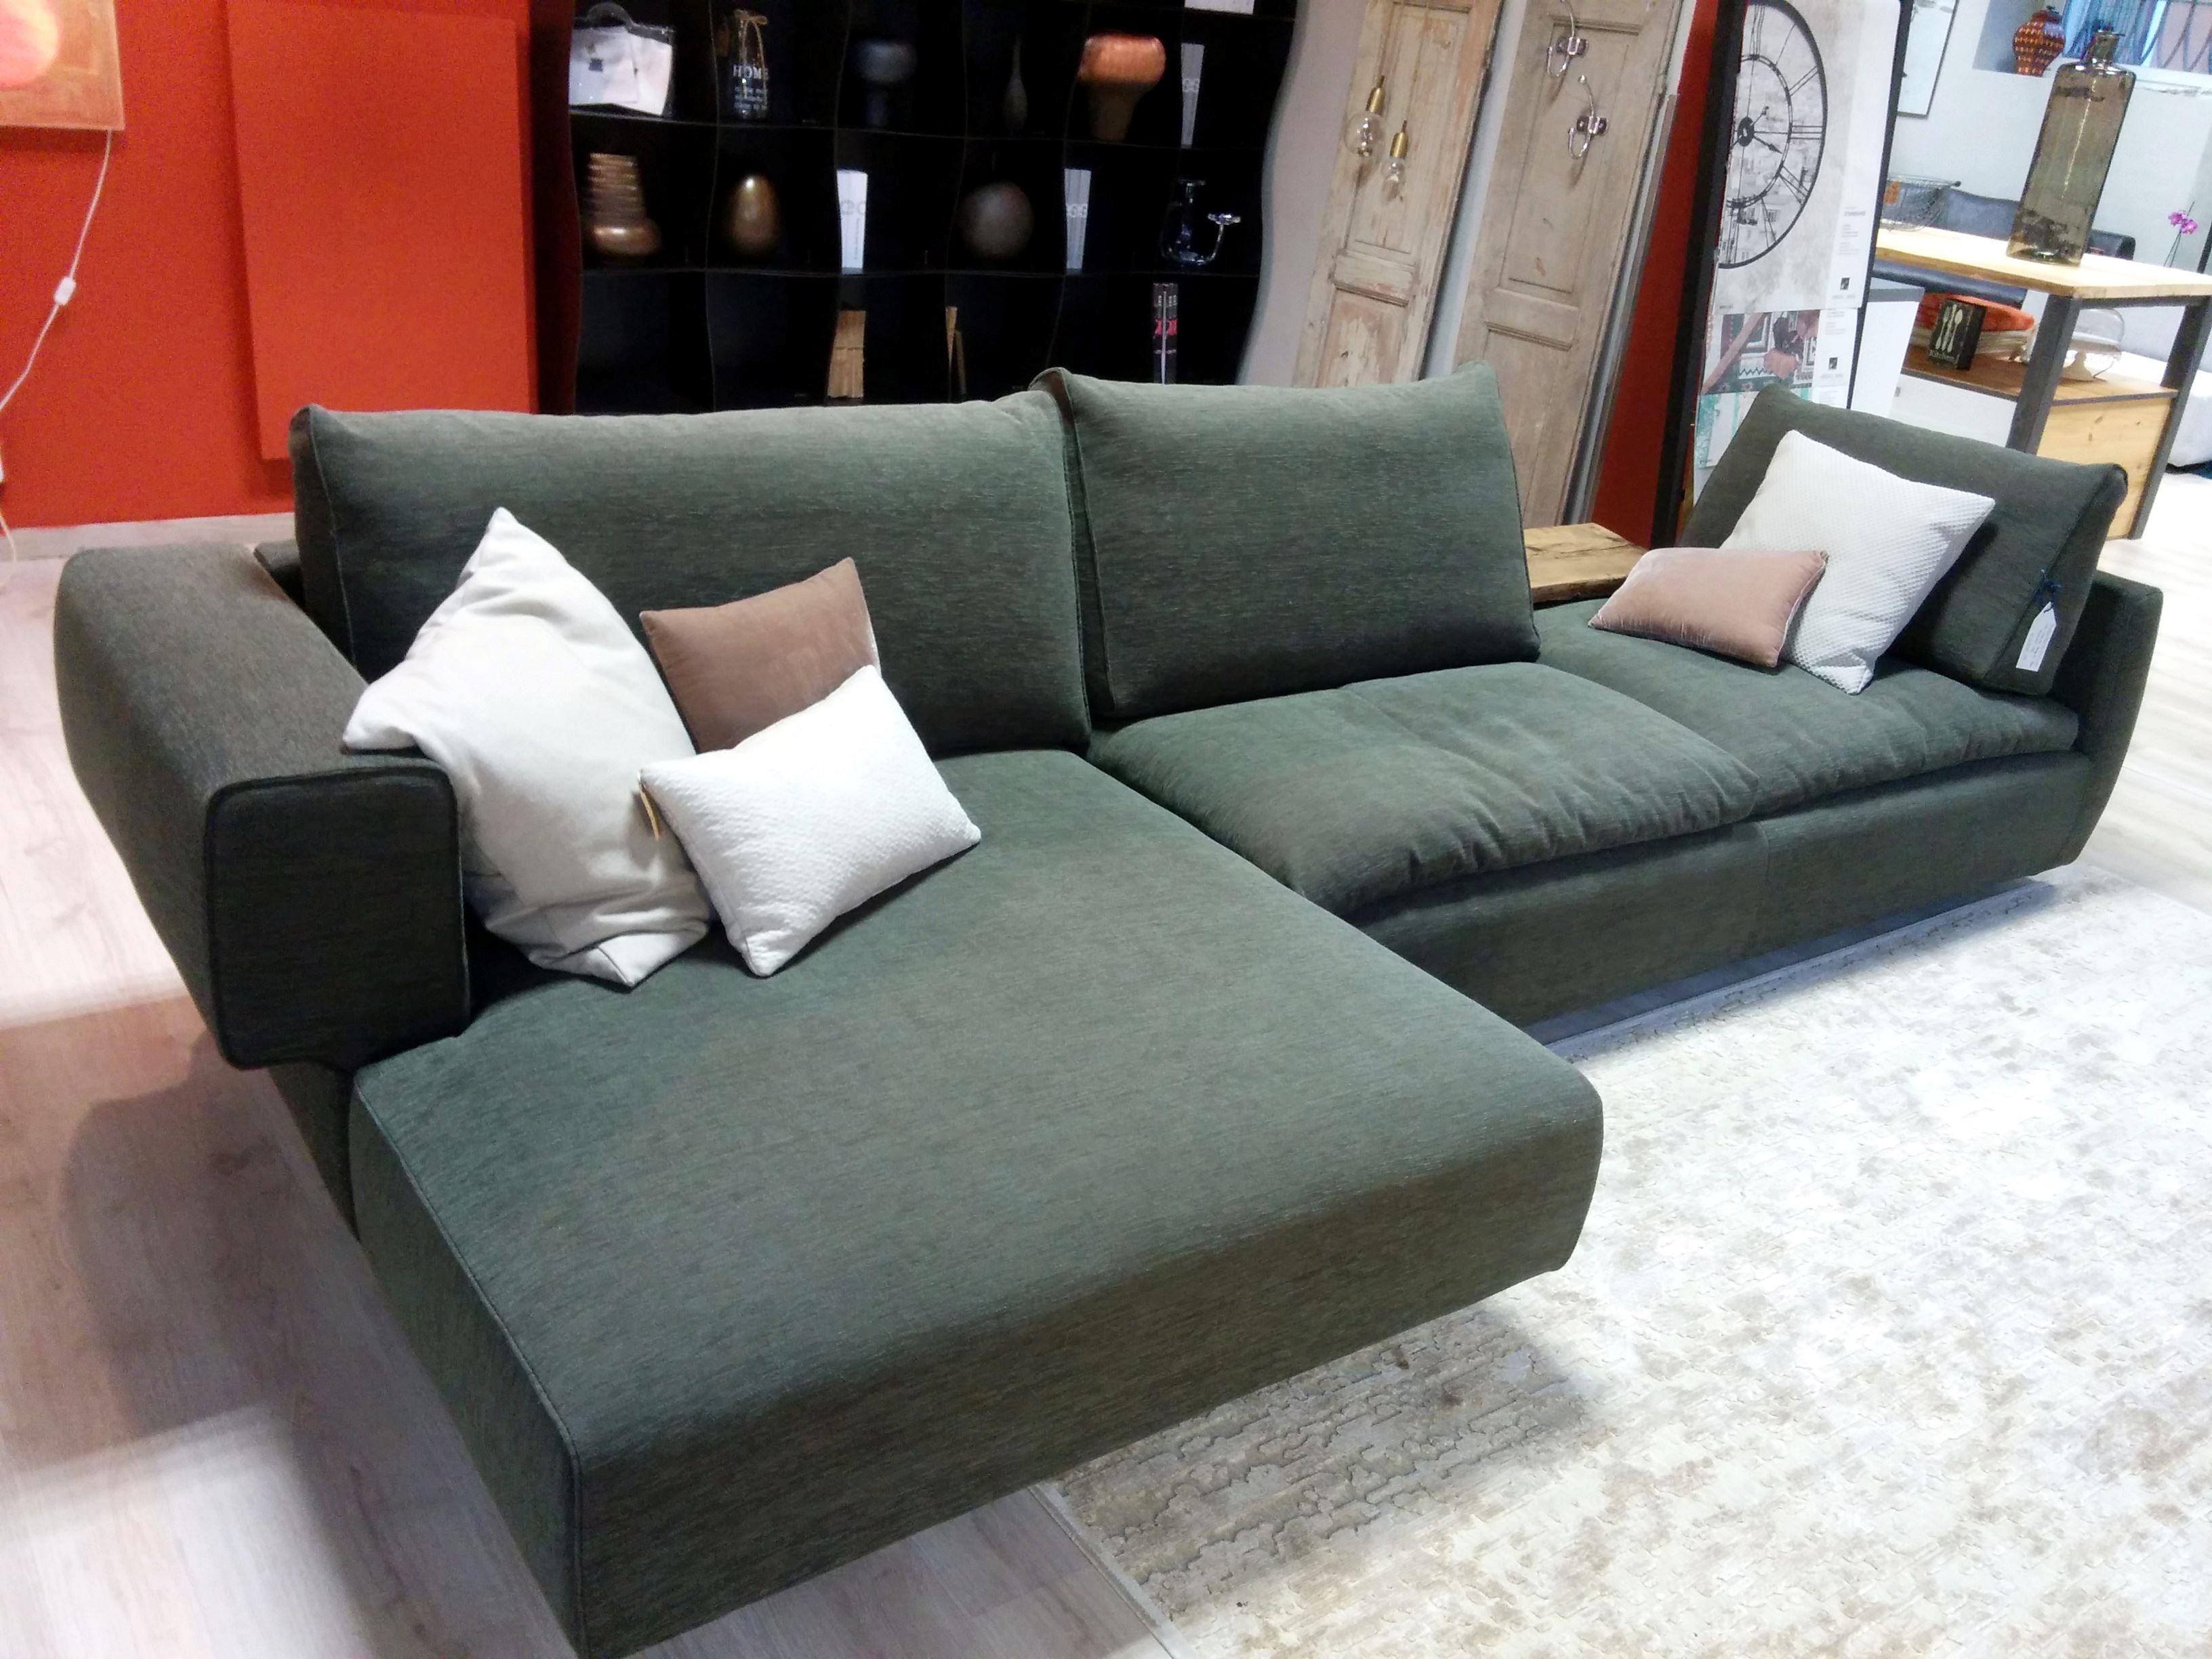 Offerta divano ditre italia mod ecl ctico scontato del 40 for Divani ditre